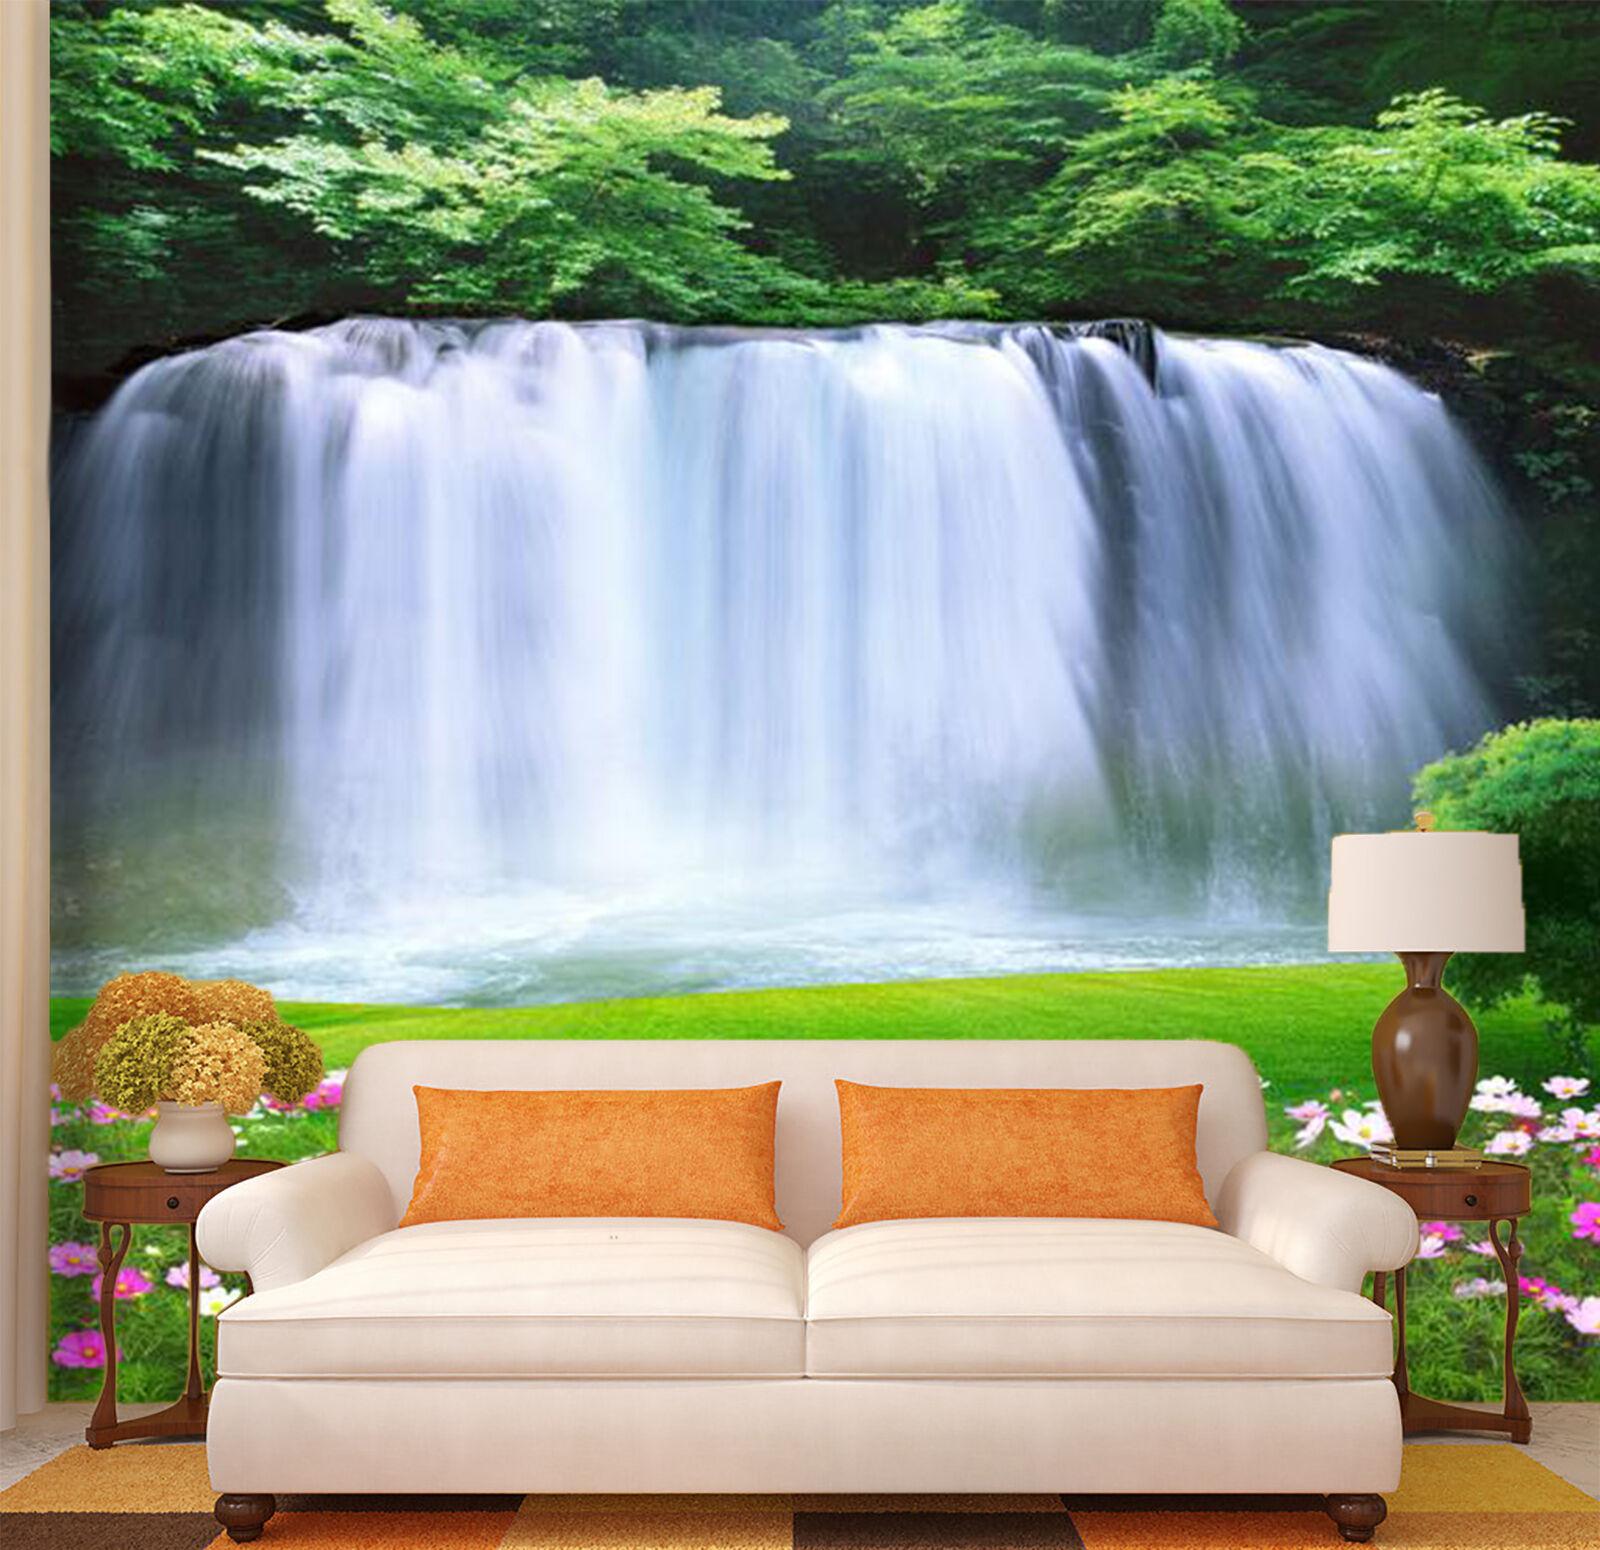 3D Wiese Wasserfall 7 Fototapeten Wandbild Fototapete Bild Tapete Familie Kinder